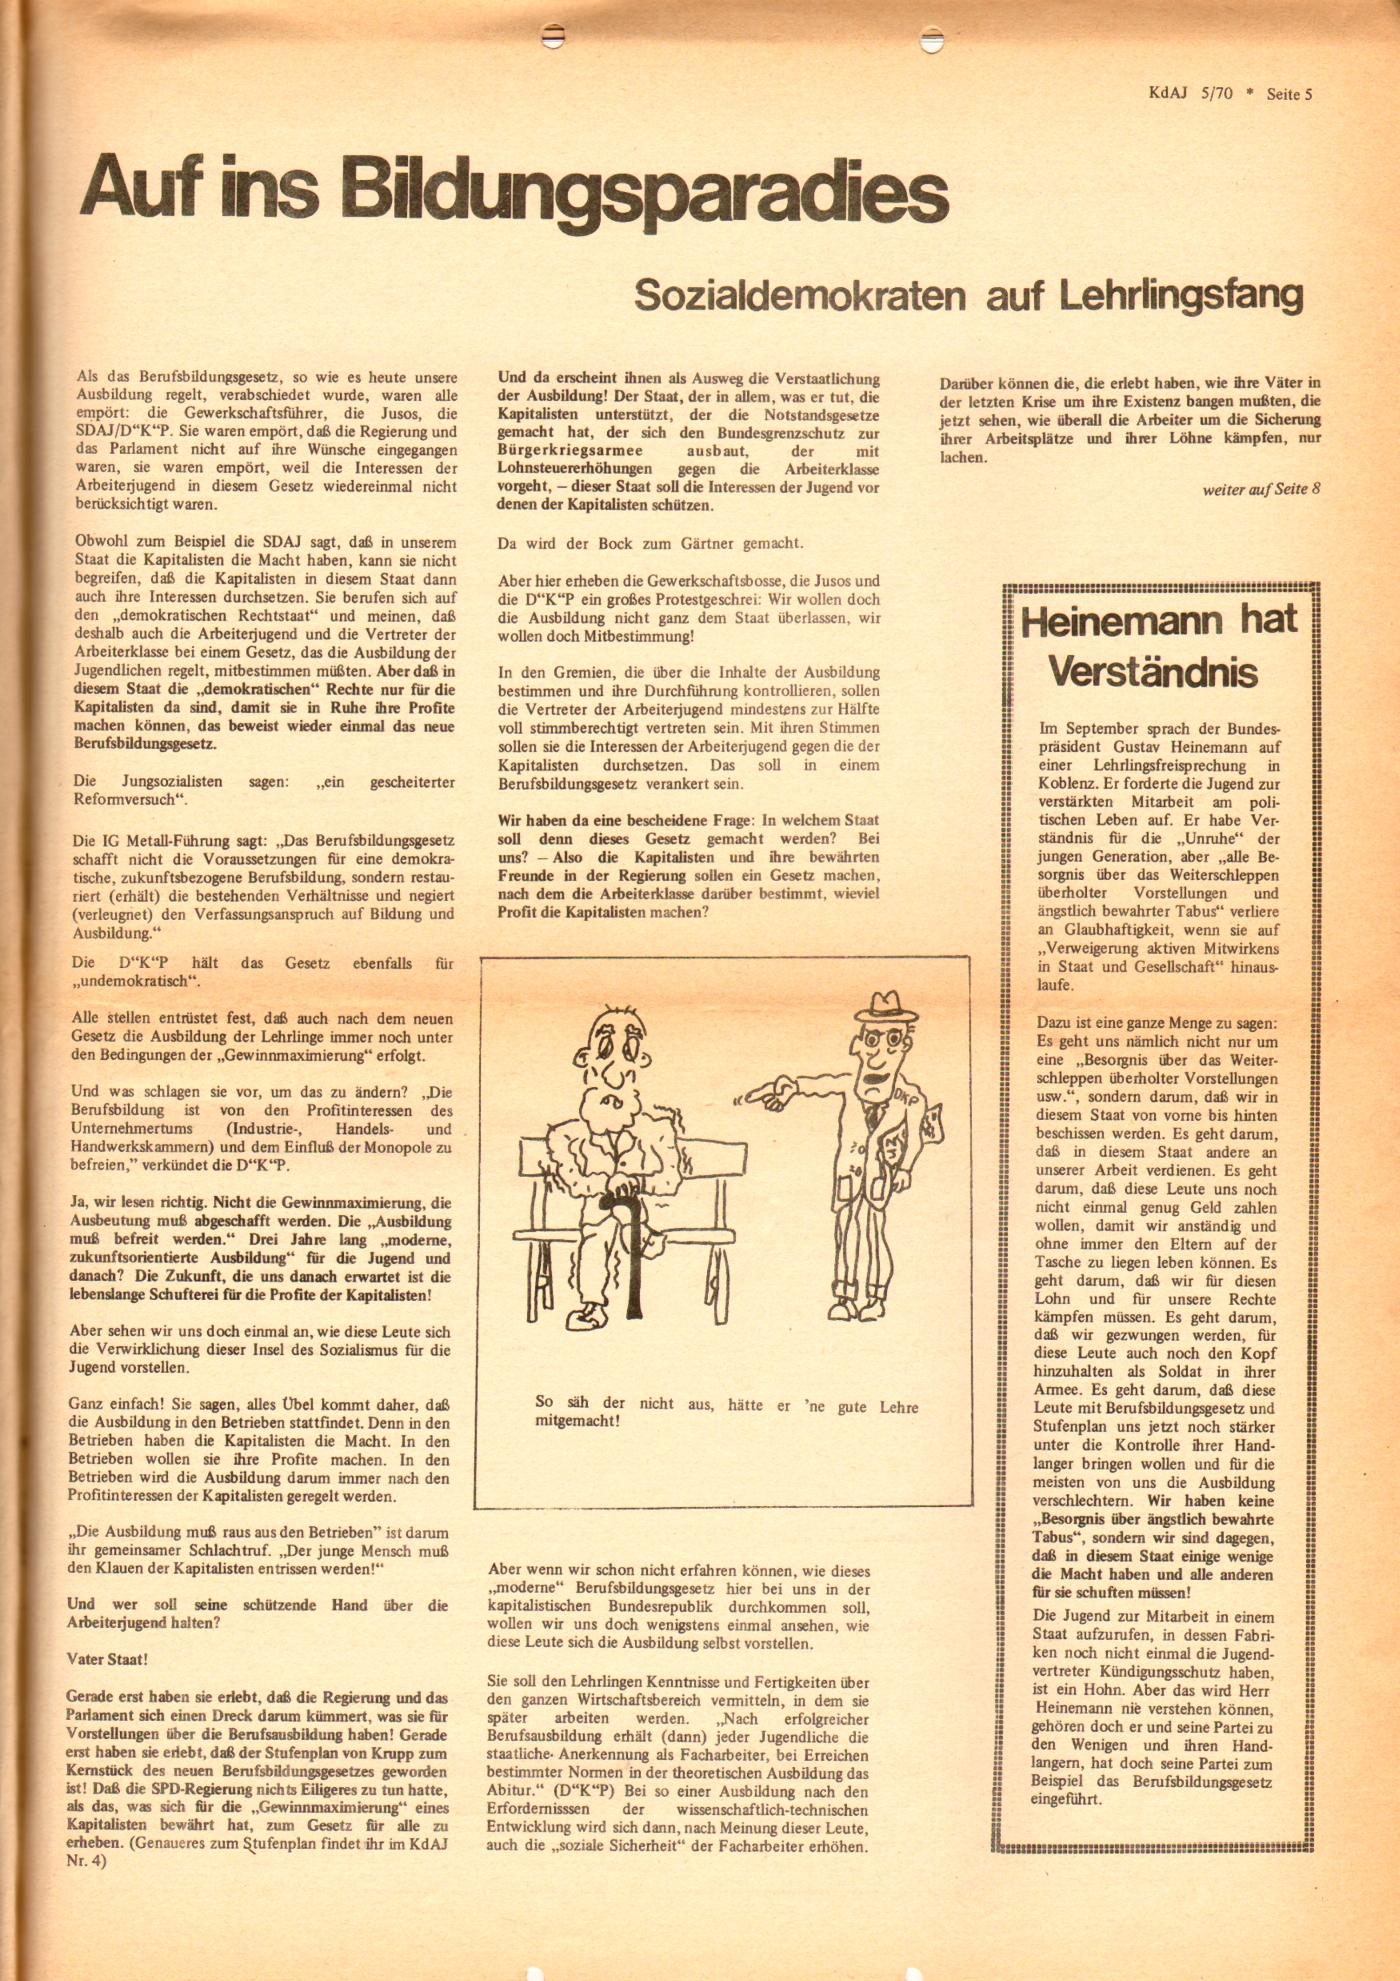 KDAJ, 1. Jg., November 1970, Nr. 5, Seite 5